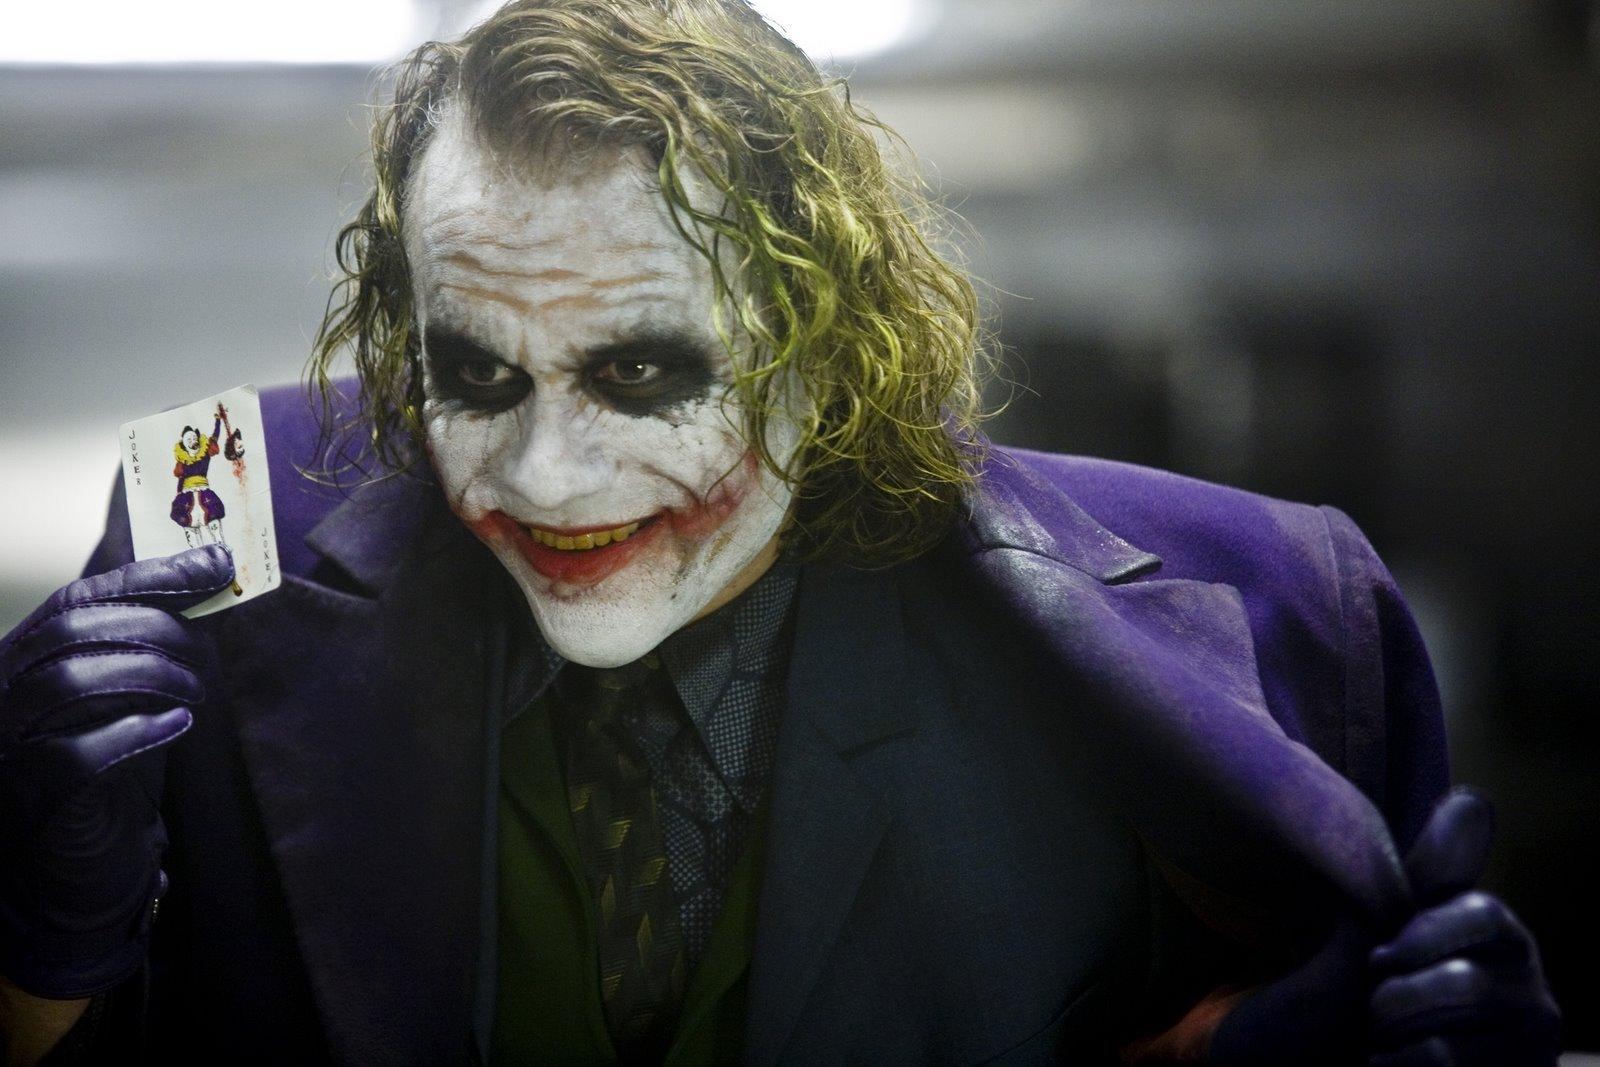 Horario para adultos: The Joker y sus trucos de magia [Viñeta]